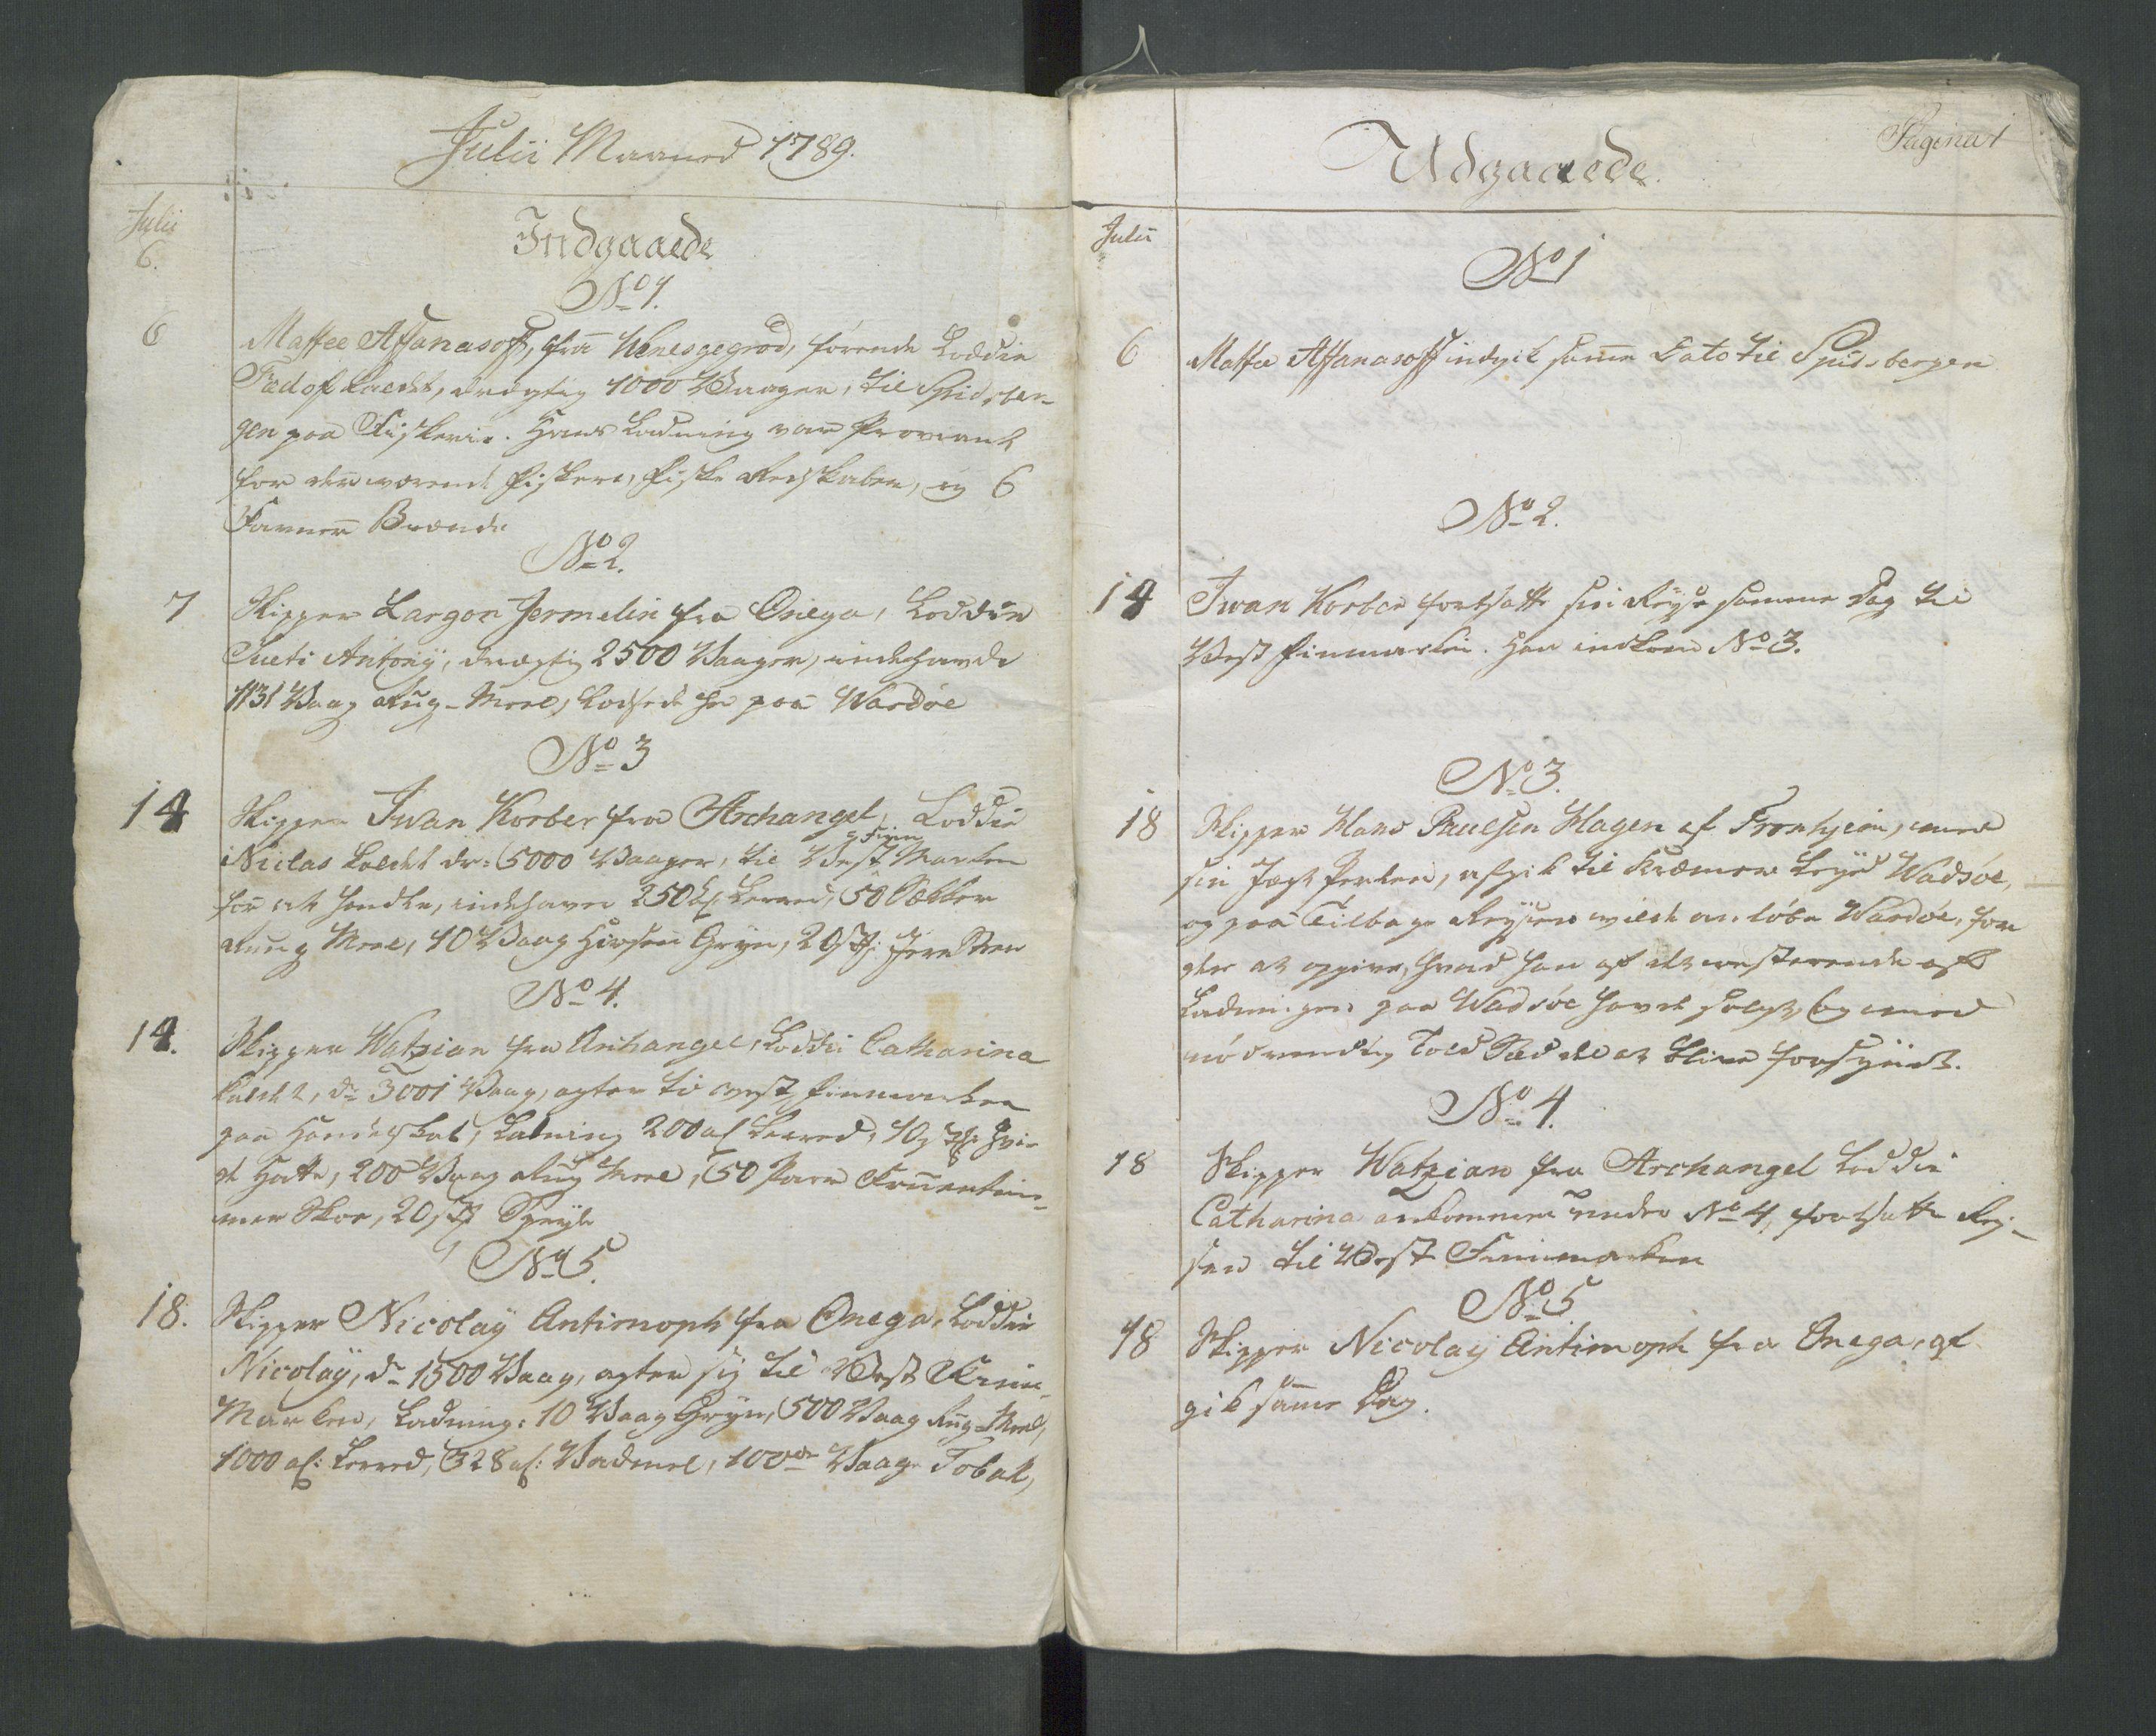 RA, Generaltollkammeret, tollregnskaper, R37/L0001: Tollregnskaper Vardø, 1789-1794, s. 1a